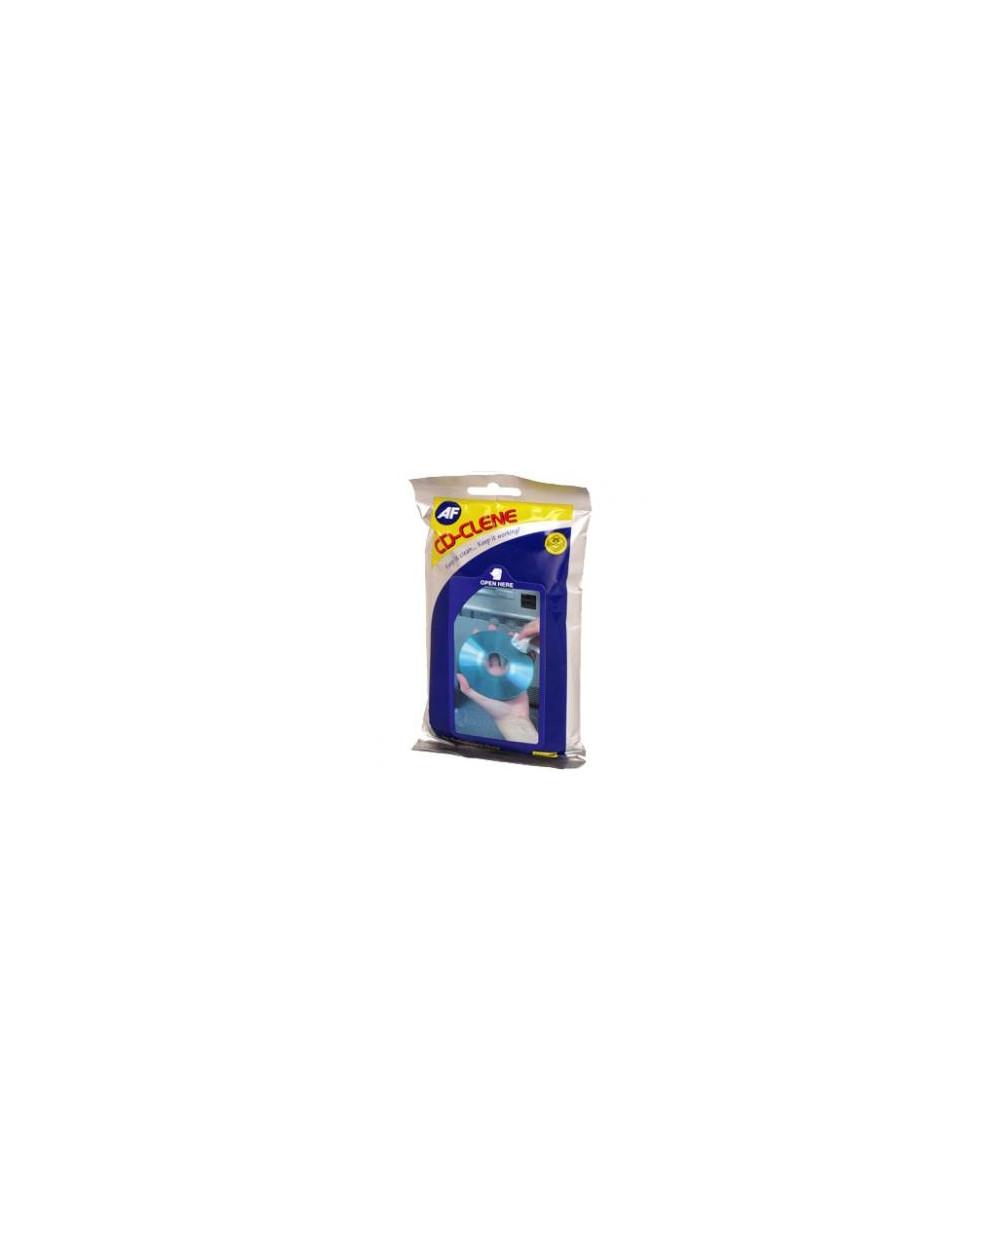 CD Clene Flatpack Навлажн.кърпички за почистване на дискове CD